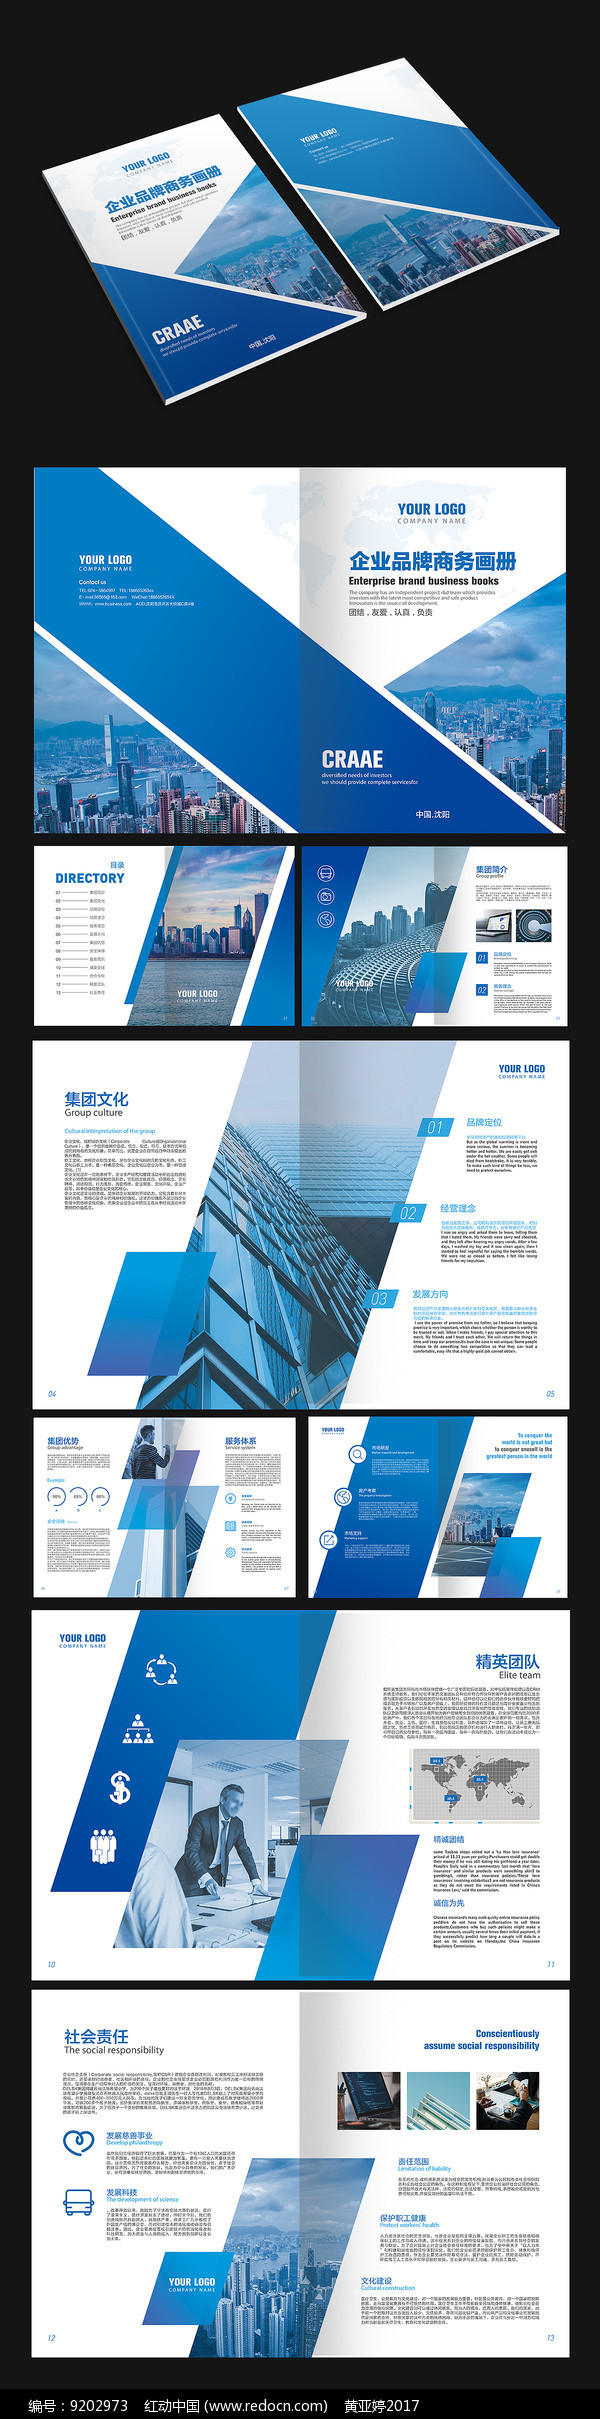 高端商务画册图片